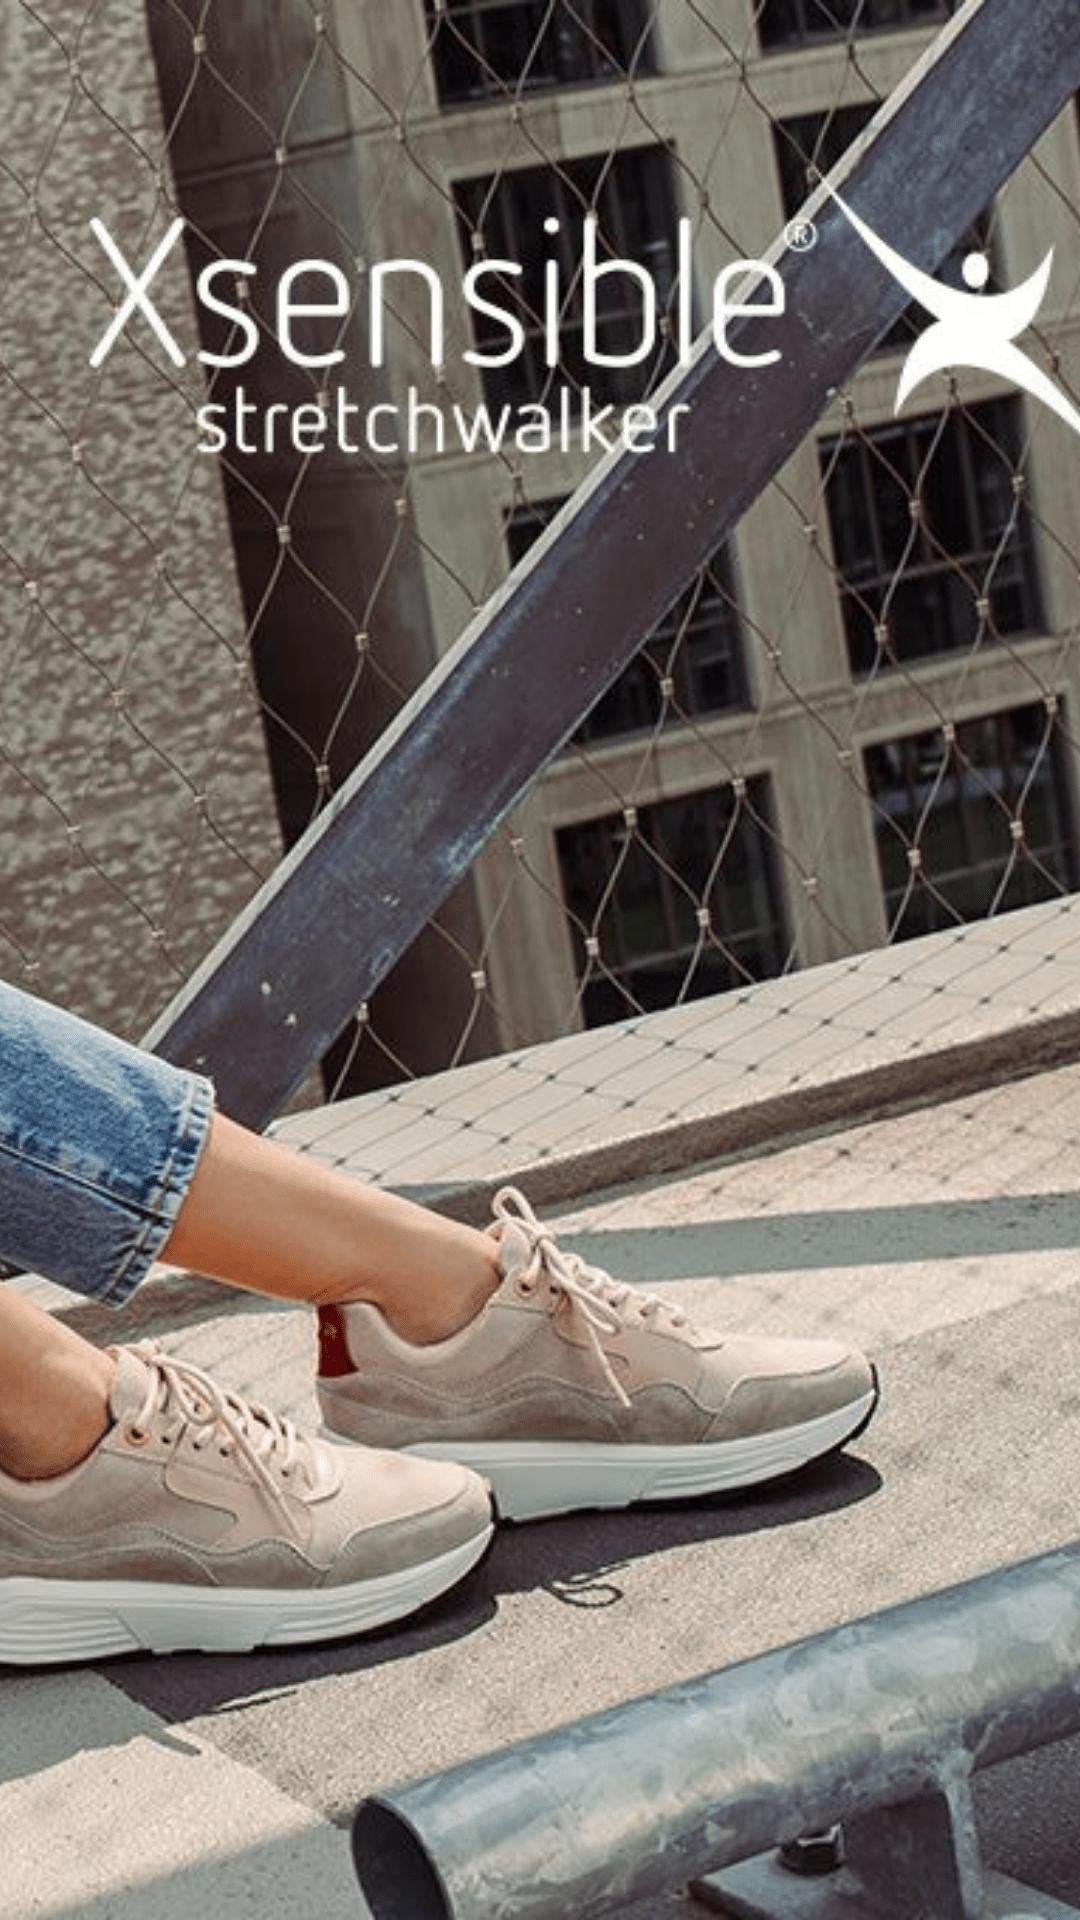 Lernen Sie den Xsensible Next Generation Sneaker kennen!